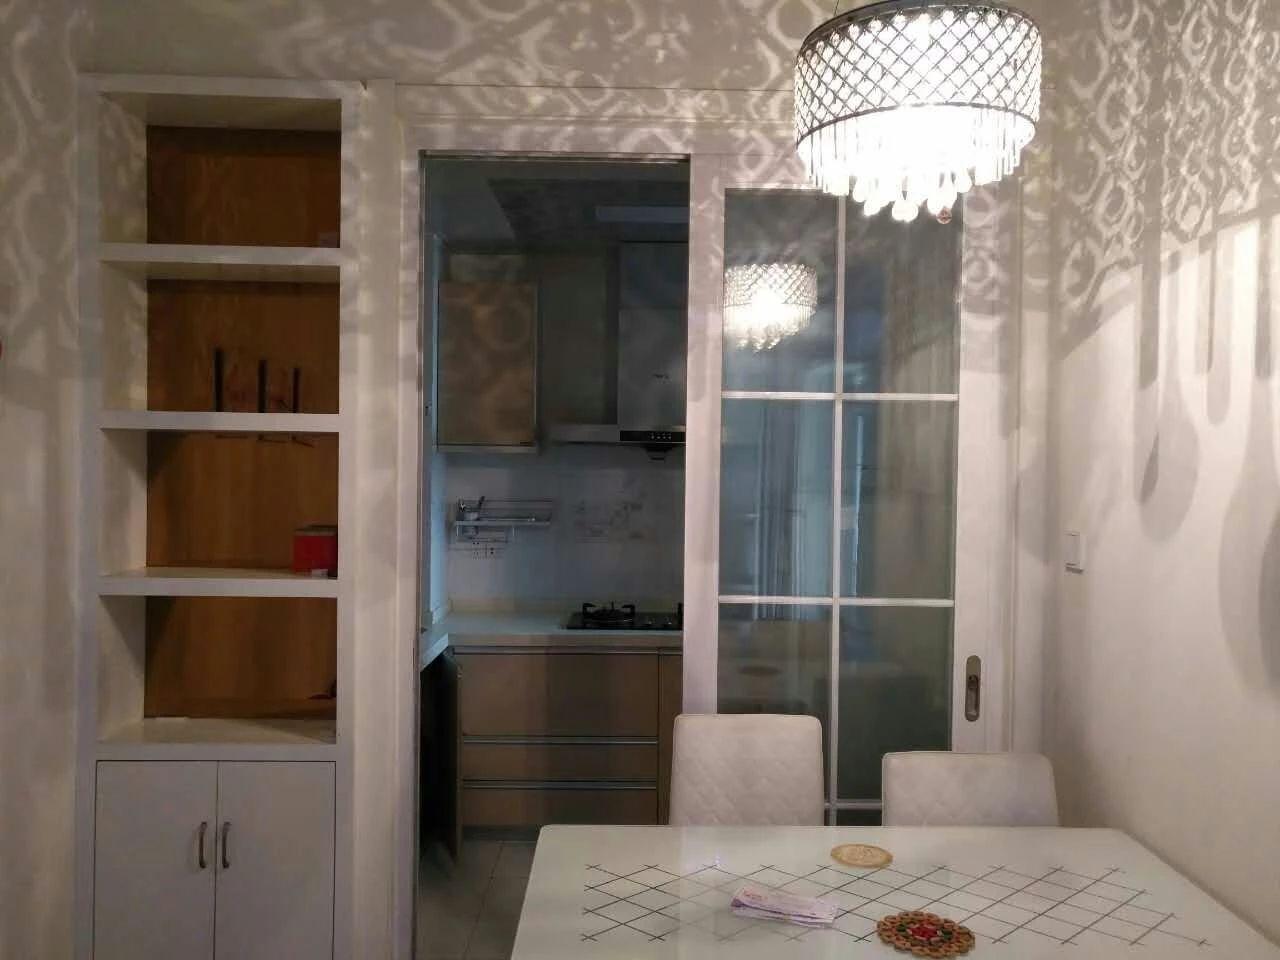 中环城紫荆公馆2室1厅1卫70平米整租豪华装地铁